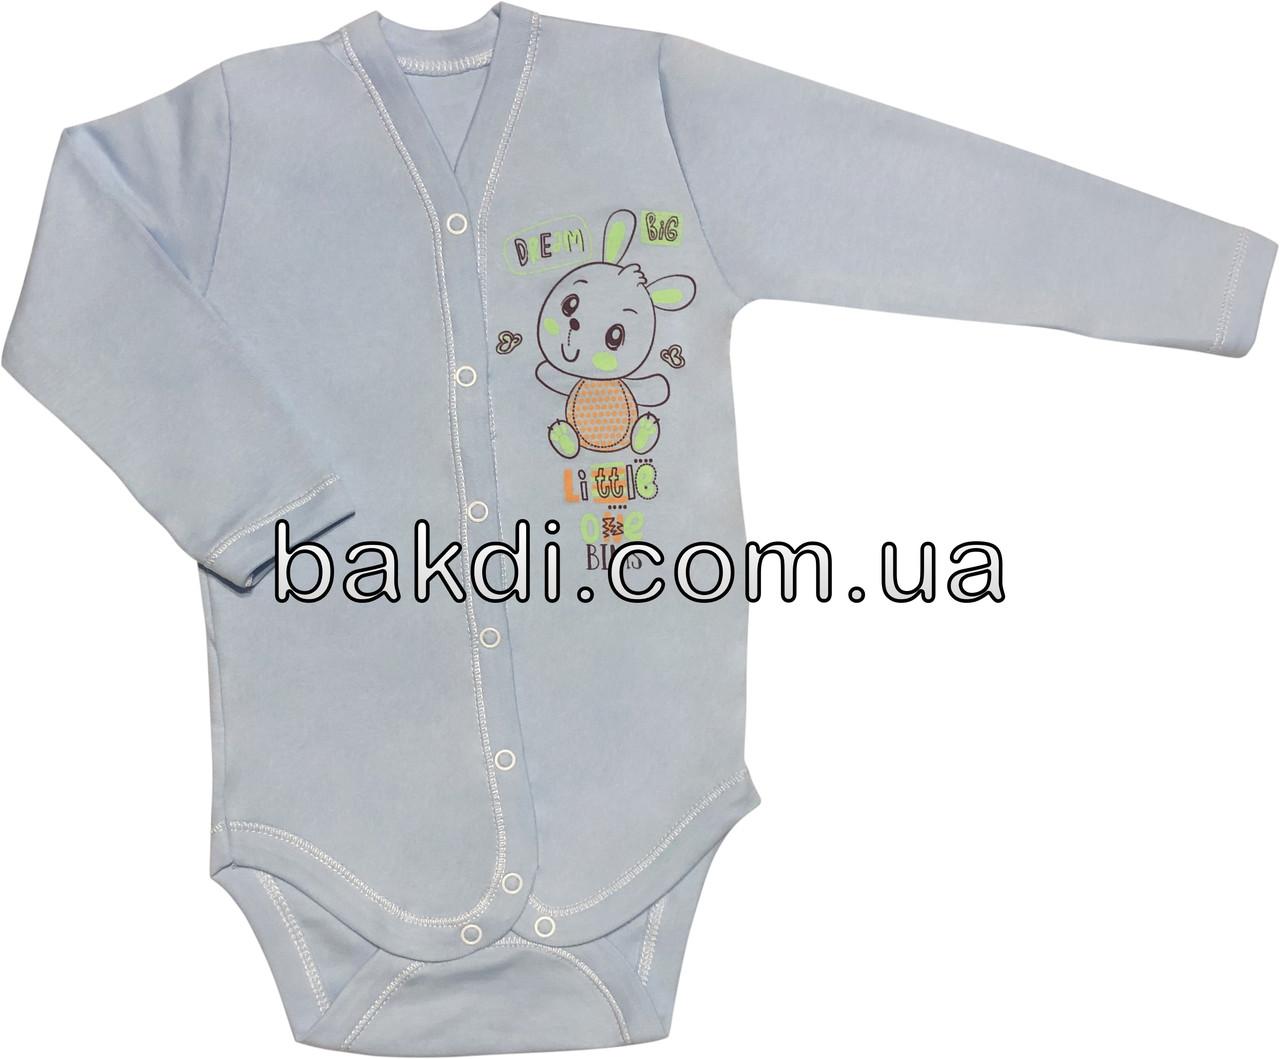 Детское боди на мальчика рост 80 9-12 мес для новорожденных трикотажное с длинным рукавом интерлок голубое